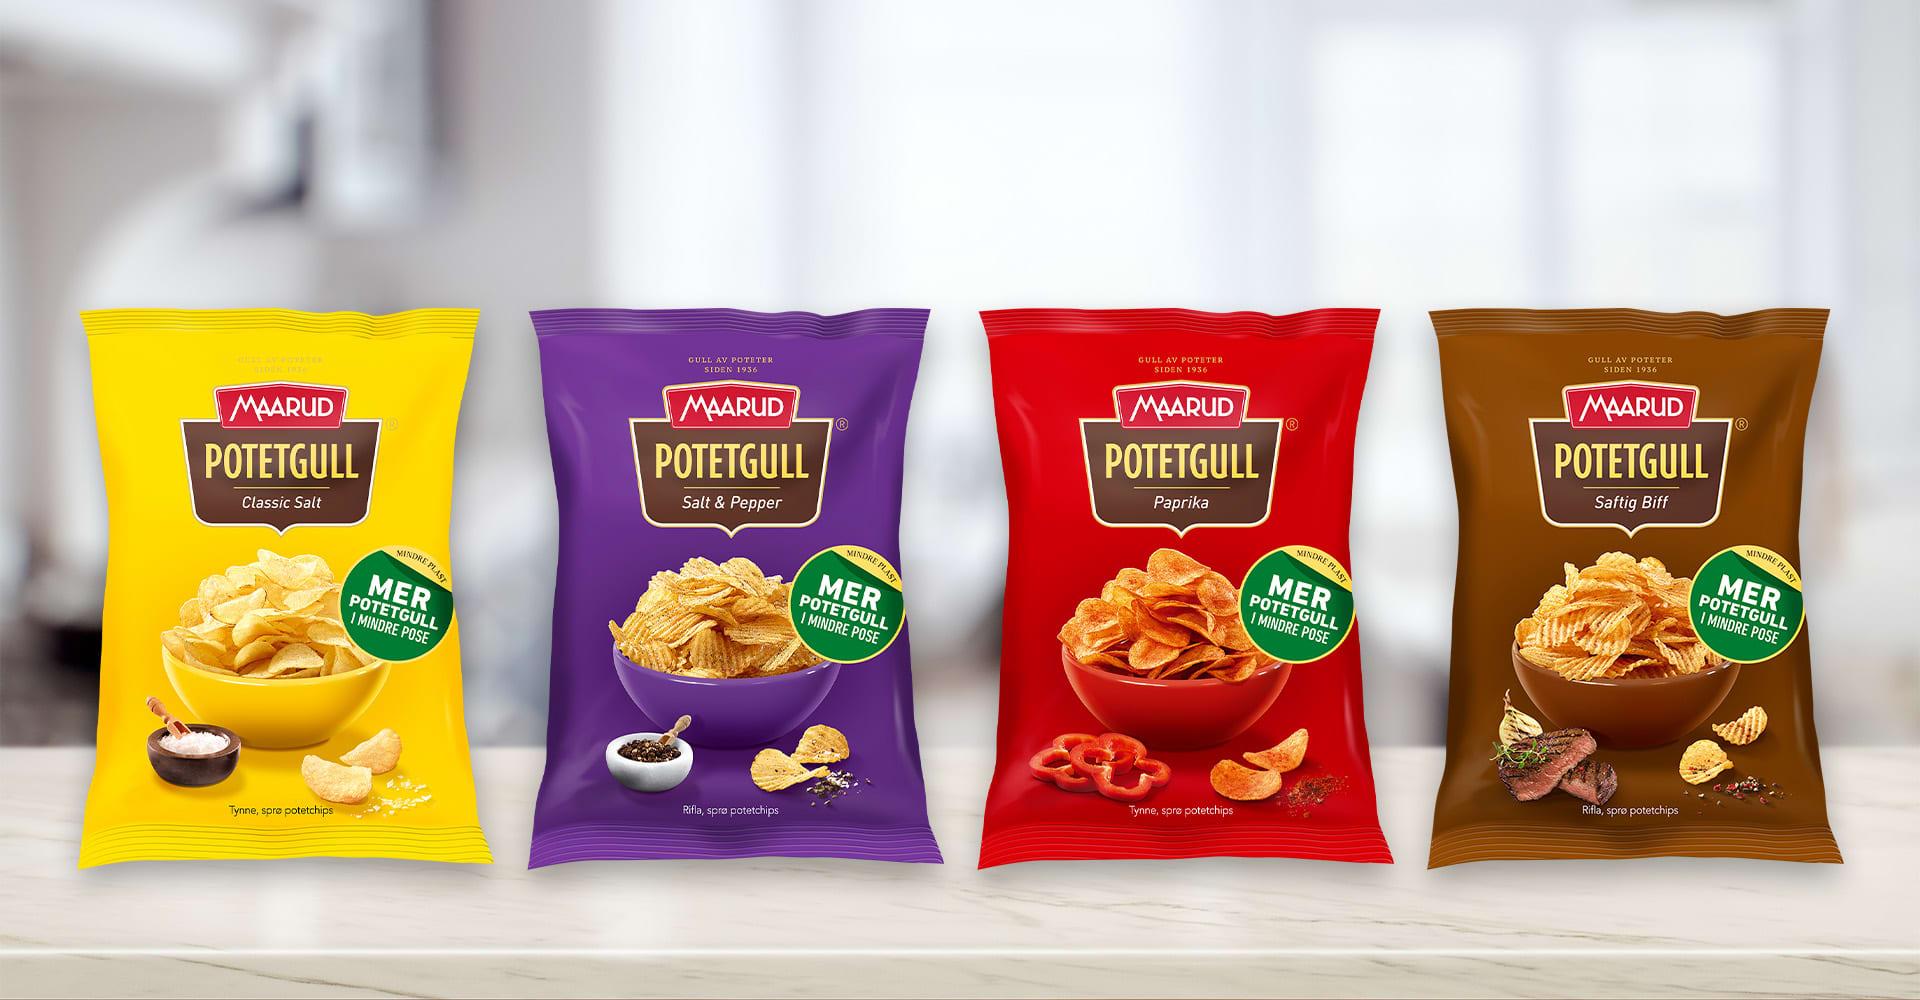 De nye potetgullposene til Maarud sine bestselgere, Potetgull Classic Salt, Salt & Pepper, Paprika og Saftig Biff, blir mindre, men gramvekten øker med 10 gram.